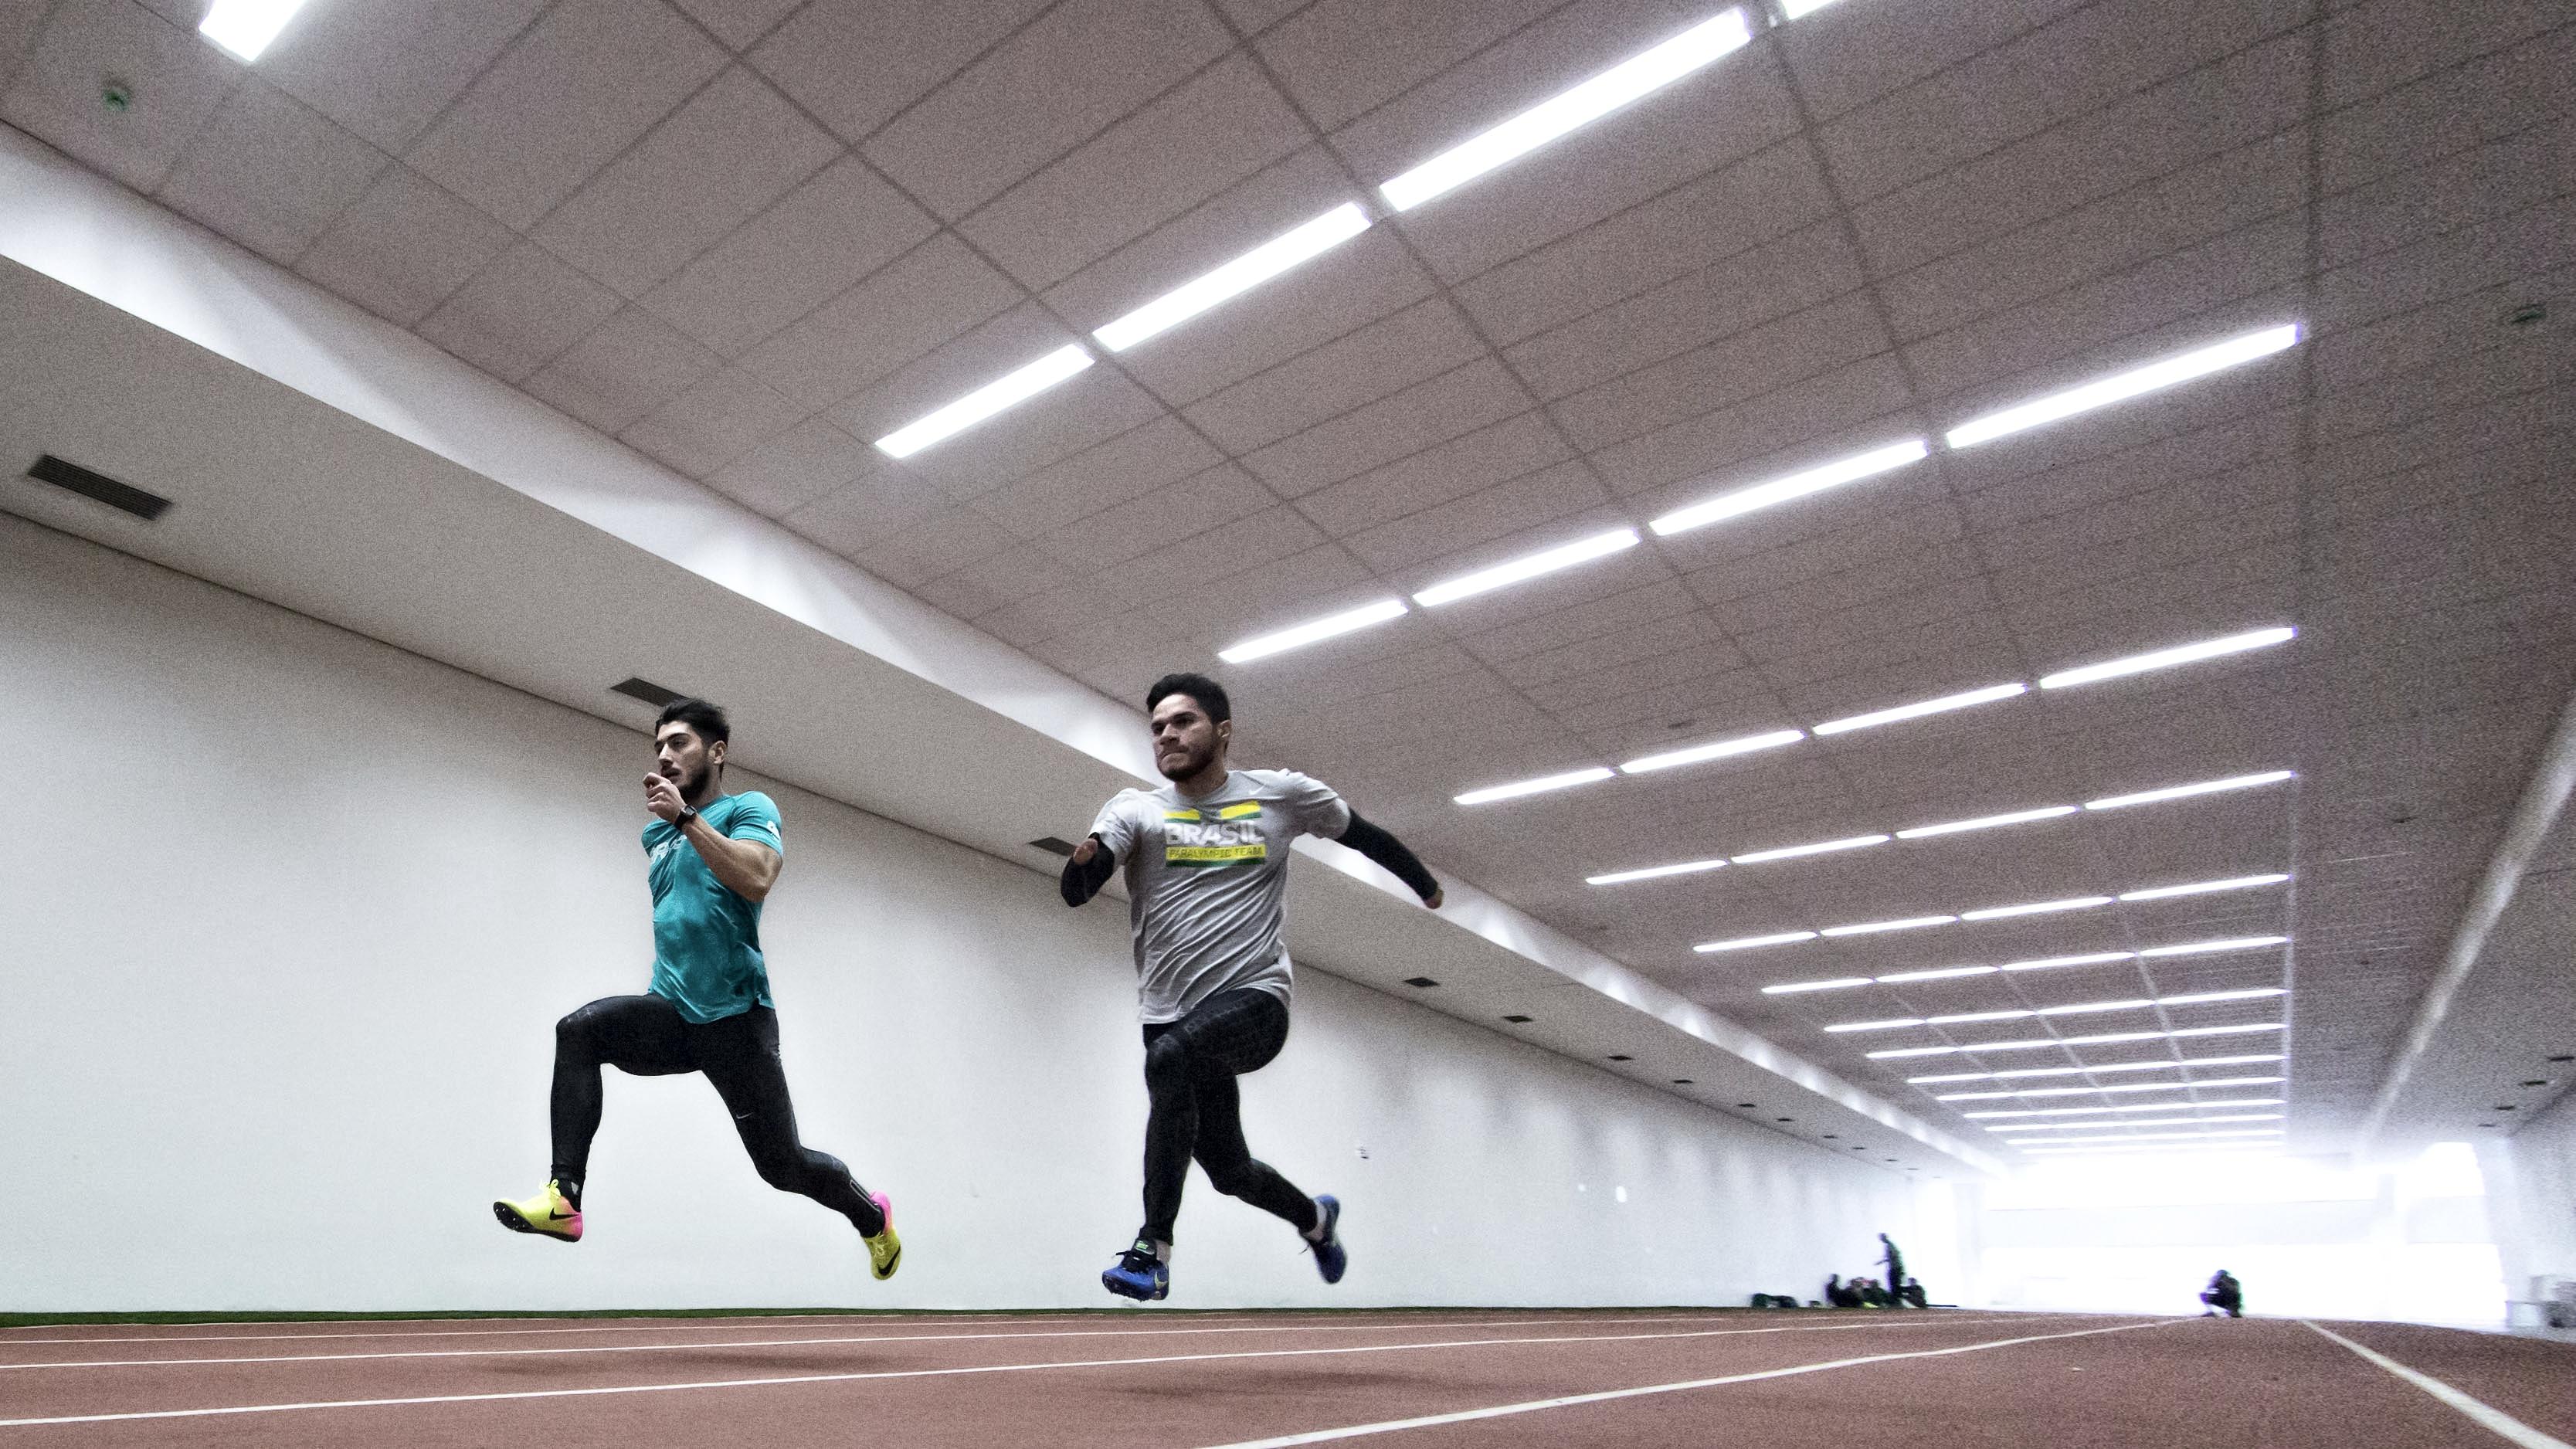 Atletas do atletismo durante a aclimata‹cao da delega‹cao paral'mpica brasileira/ Foto: ©Marcio Rodrigues/MPIX/CPB